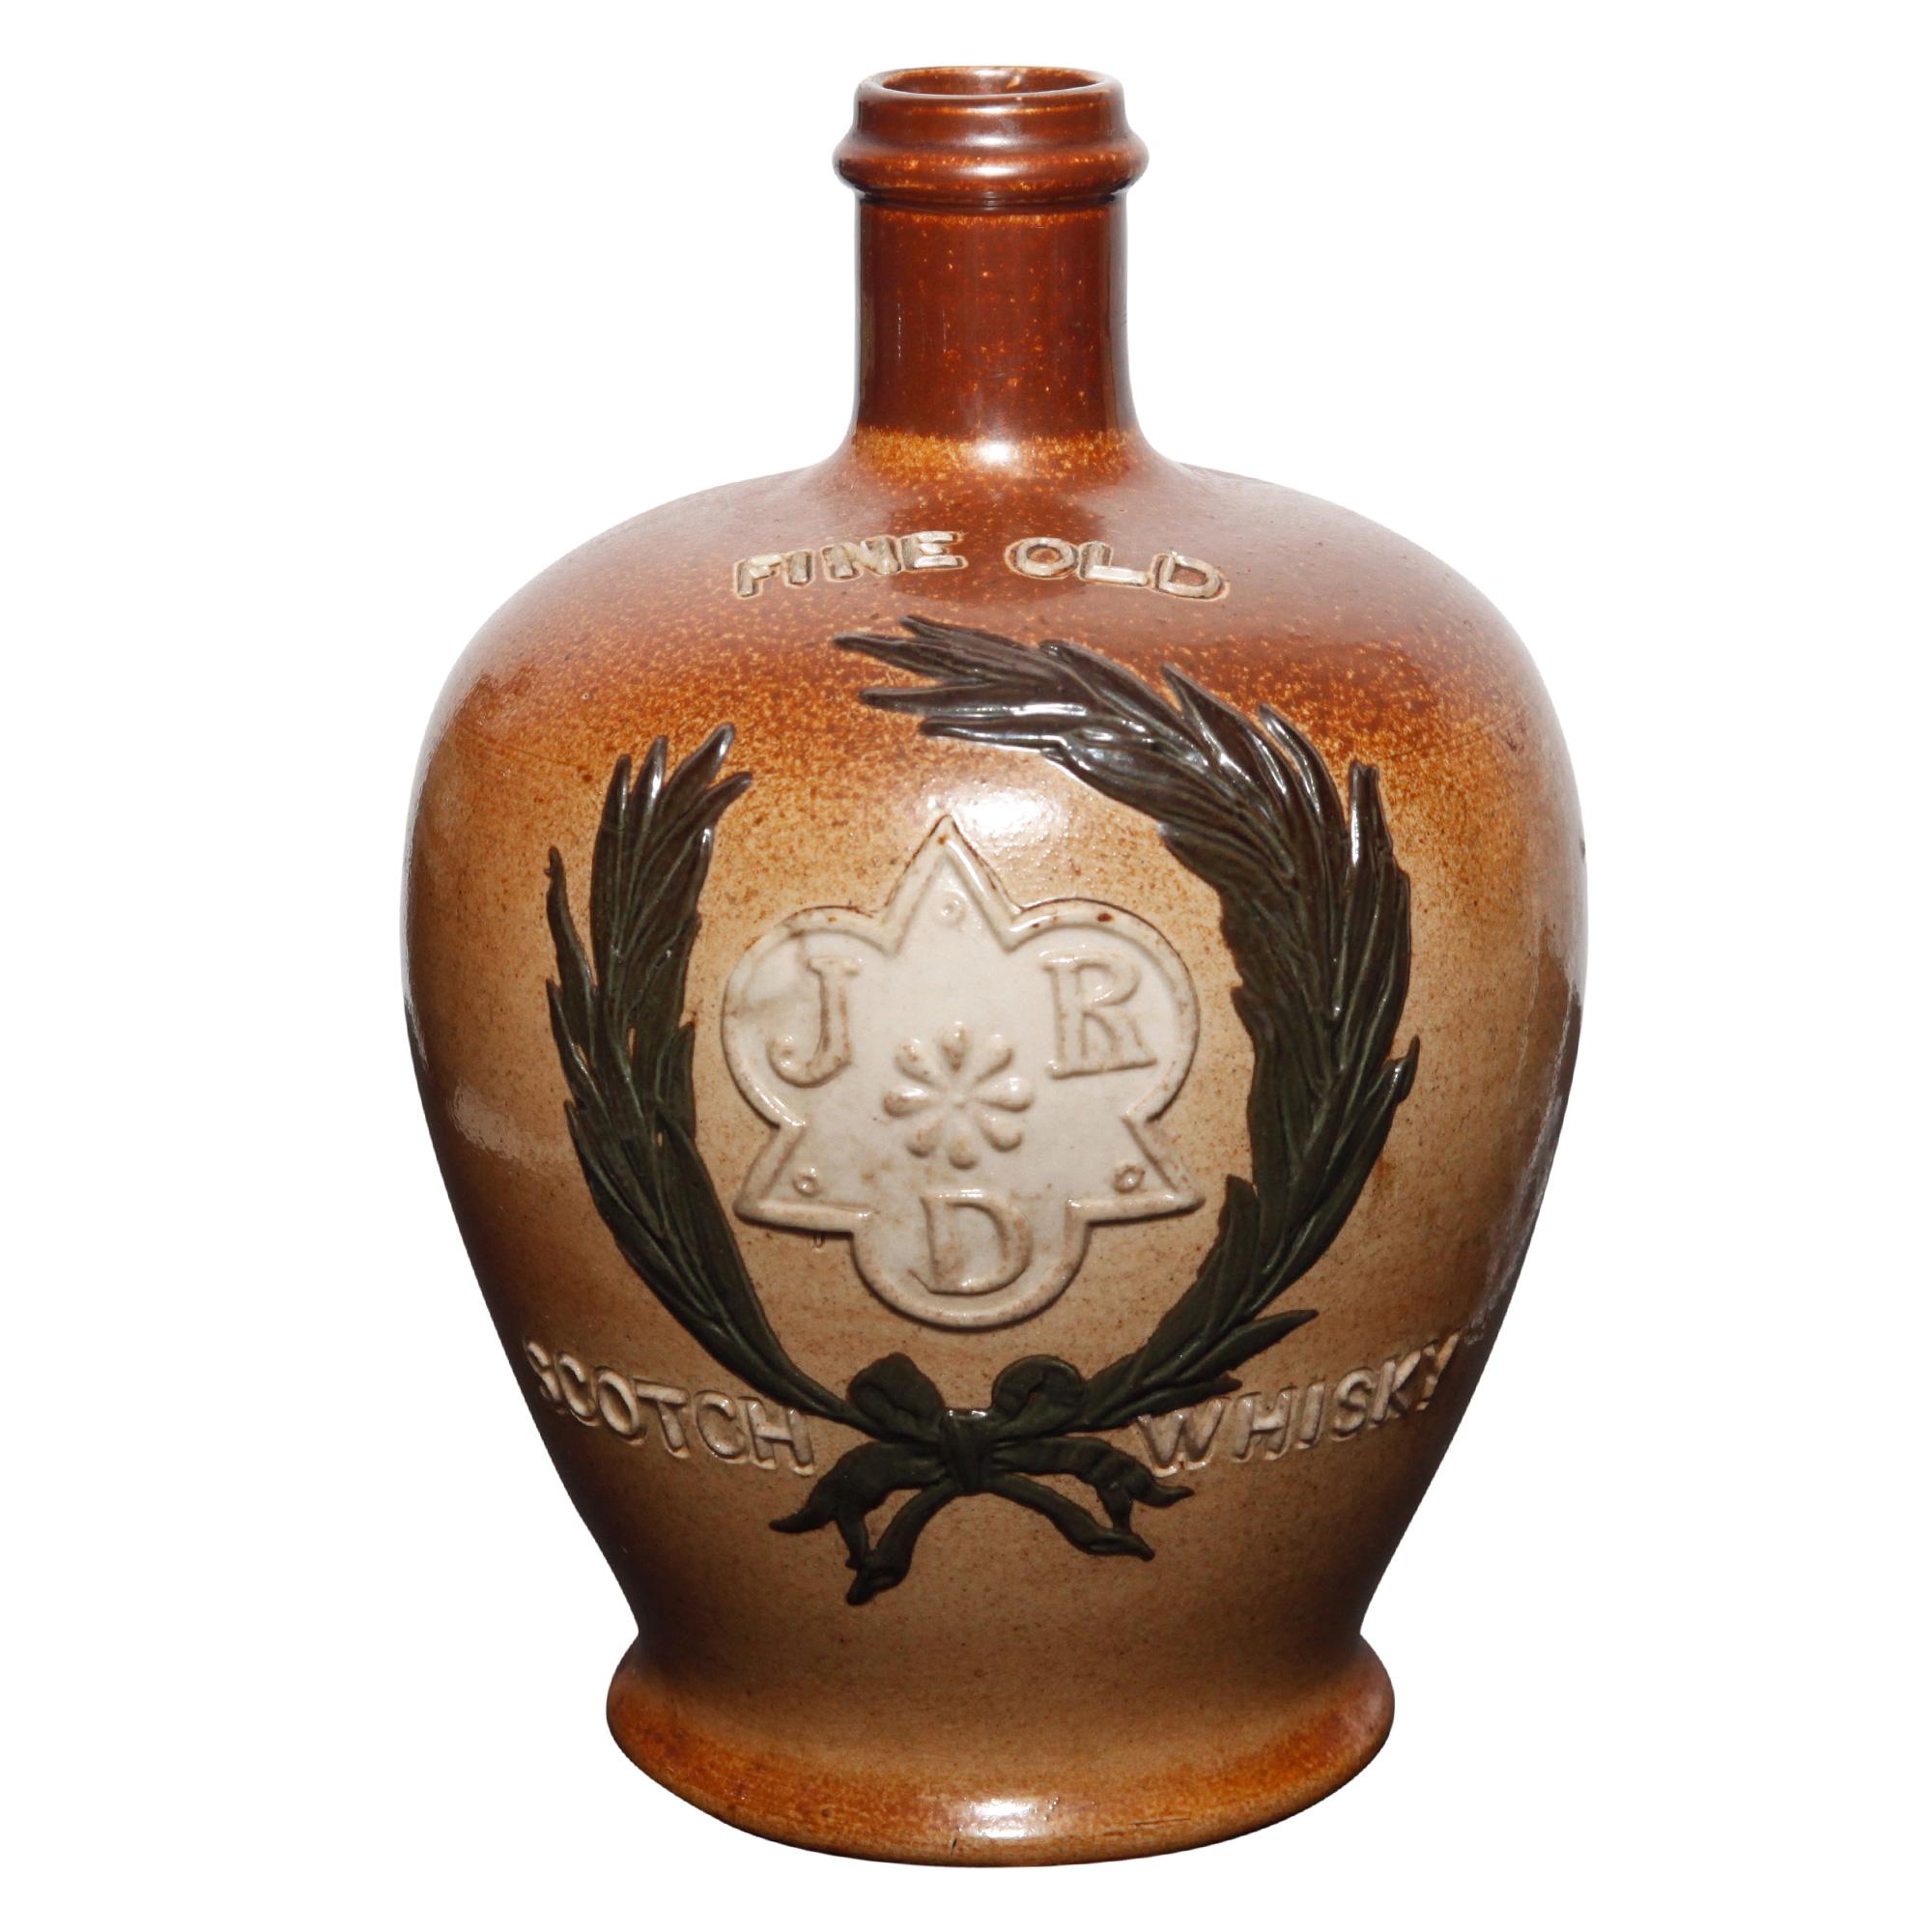 J.R.D. Fine Old Scotch Whisky Bottle